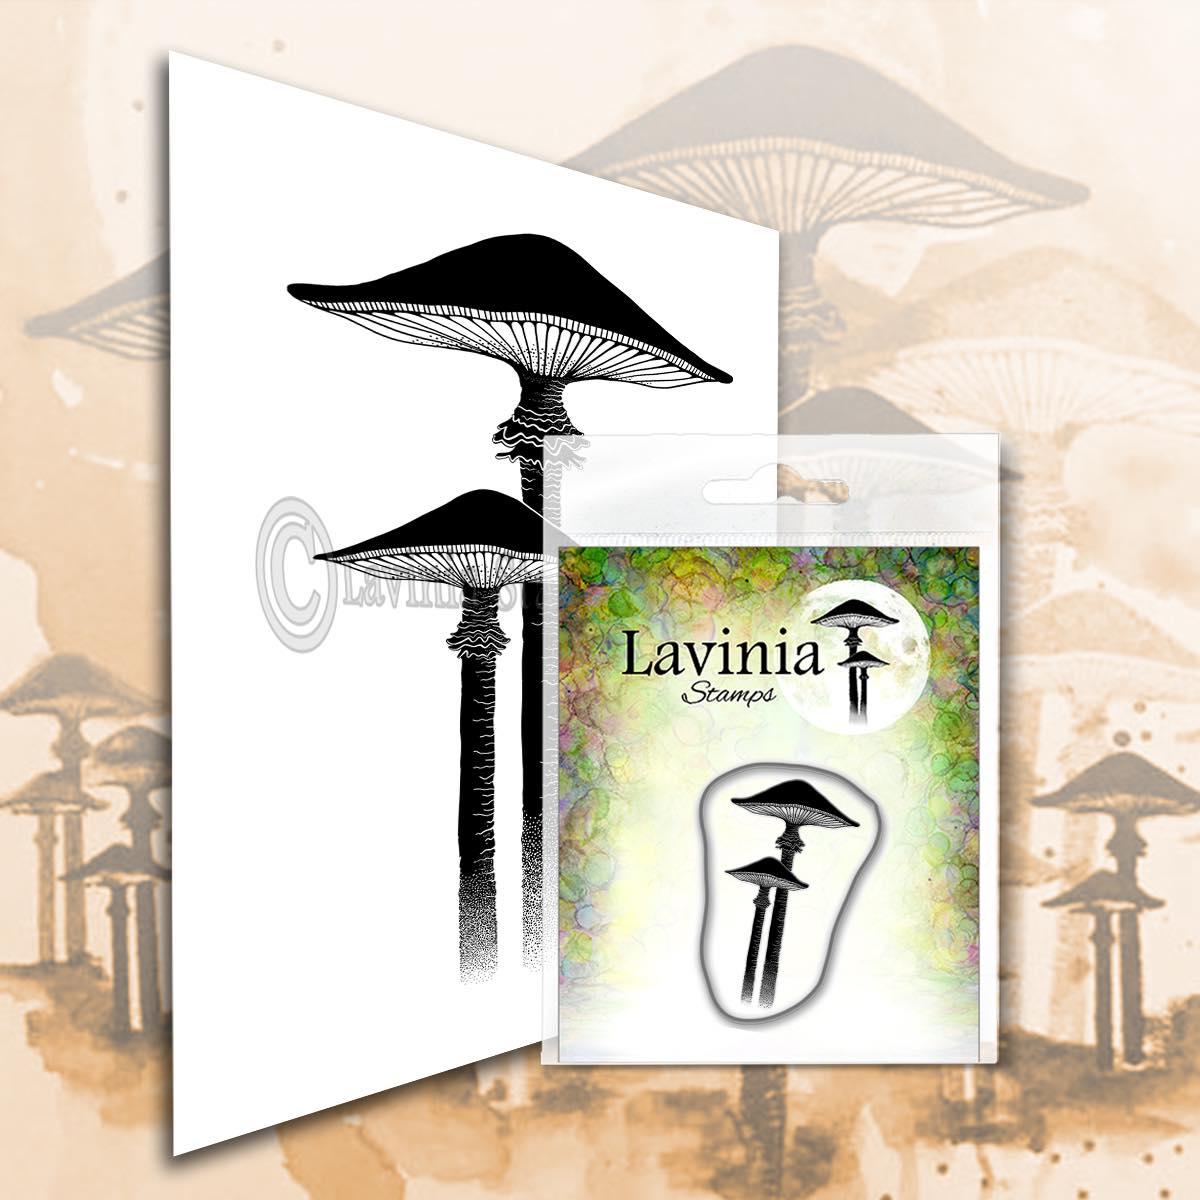 Lavinia Stamps - Meadow Mushroom (miniature) Stamp